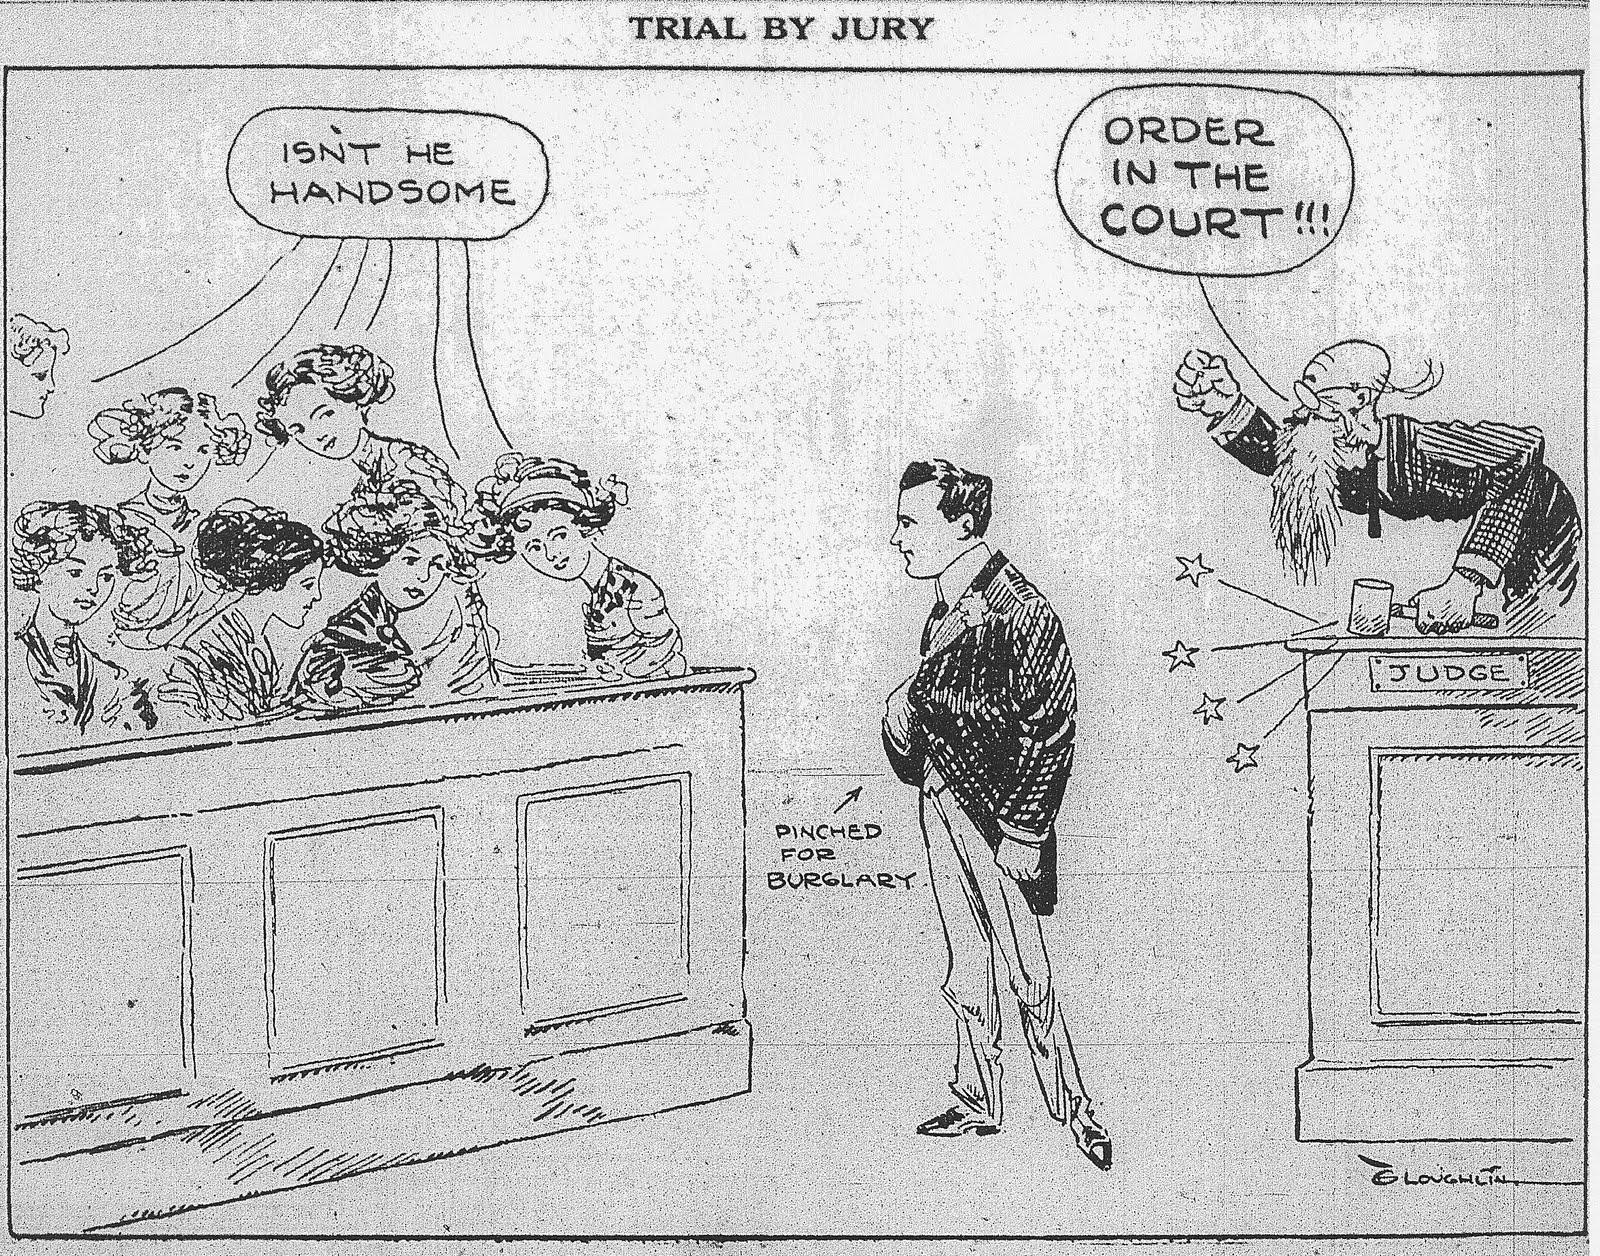 Trial+by+Jury+Portland+Evening+Telegram+